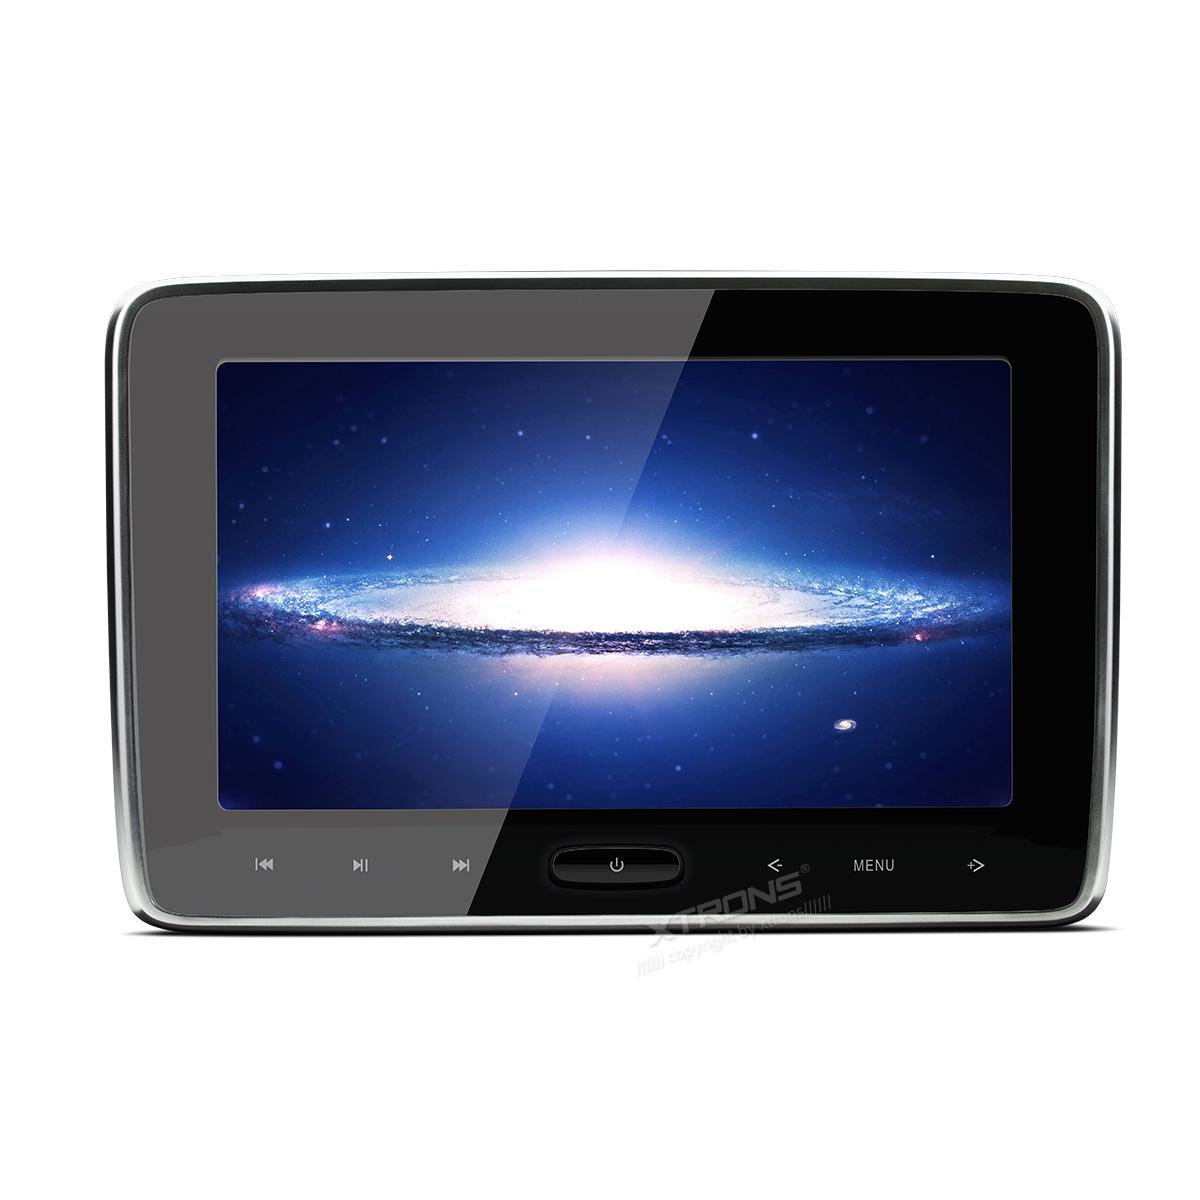 (HD106)XTRONS 10インチ 大画面 高解像度 ヘッドレストモニター DVDプレーヤー 軽薄 取付0円 ゲーム HDMI・USB・SD 1個1セット 一年保証付き